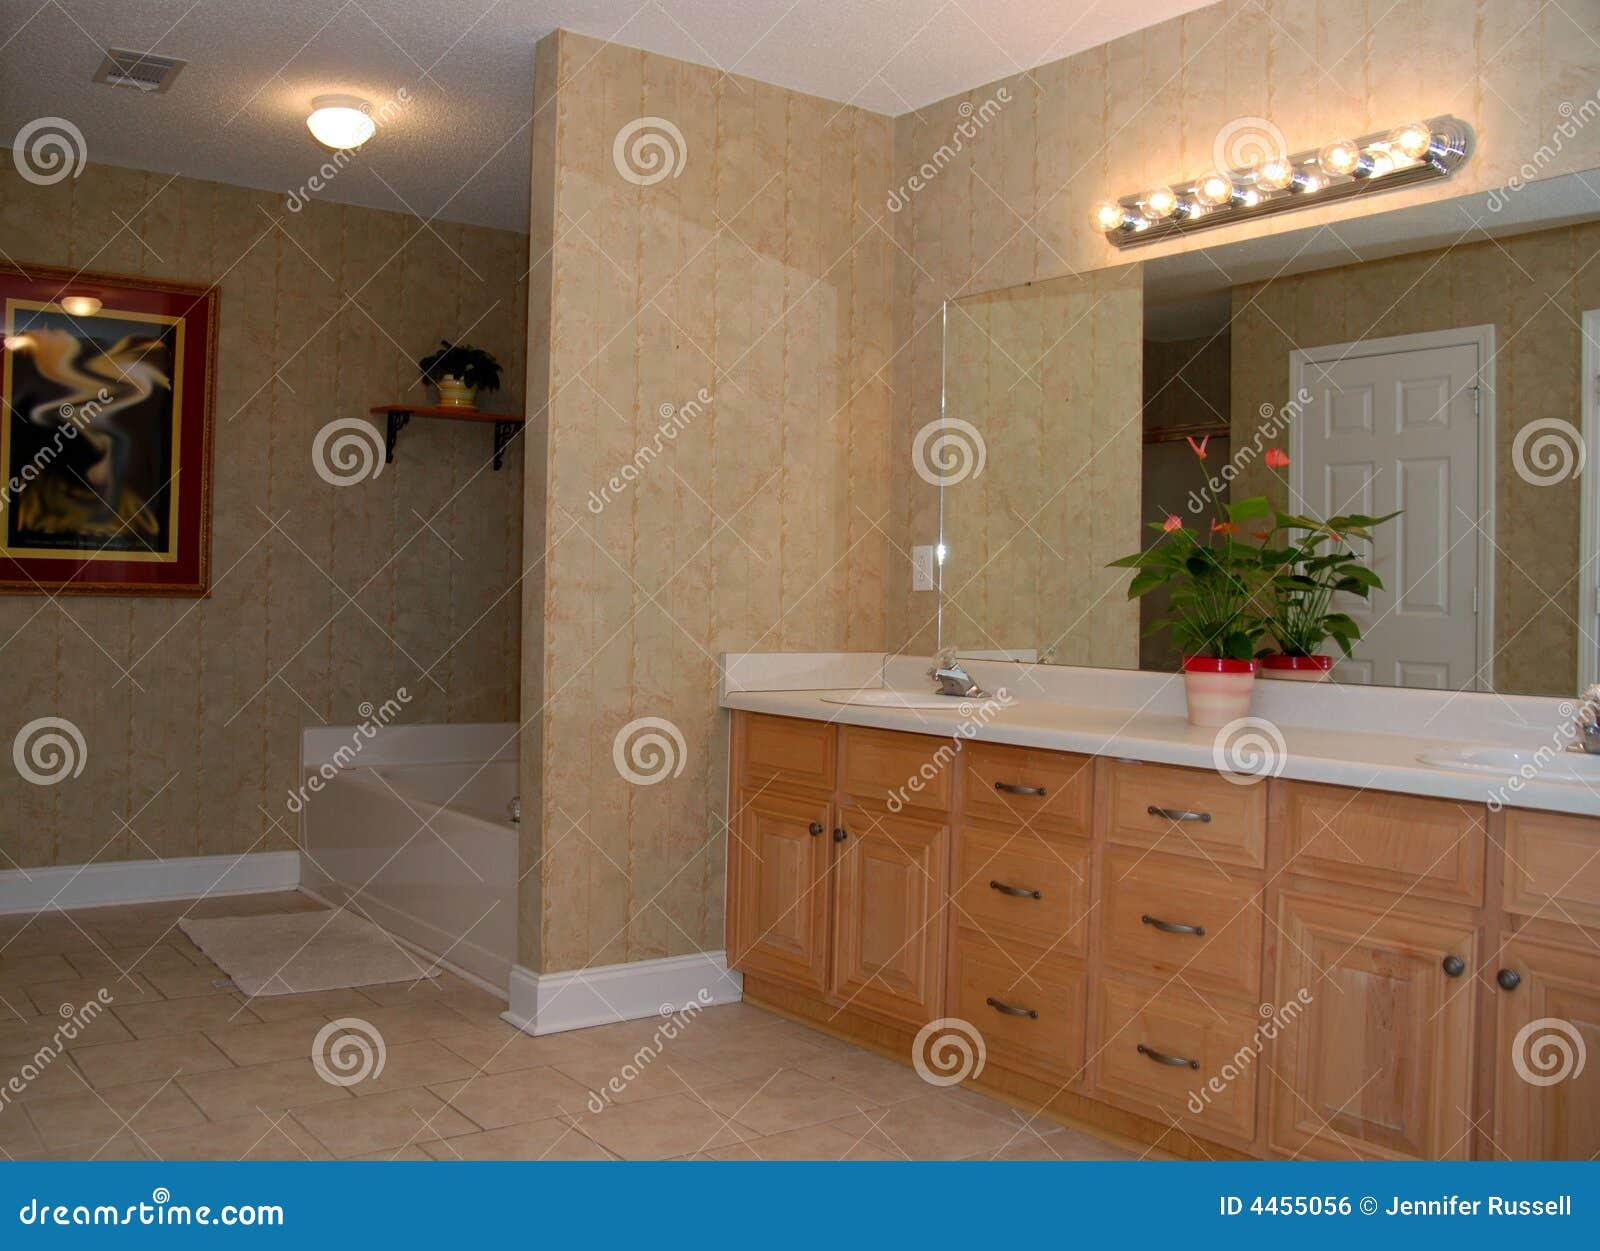 Stanza da bagno elegante fotografia stock immagine di for Stanza da bagno